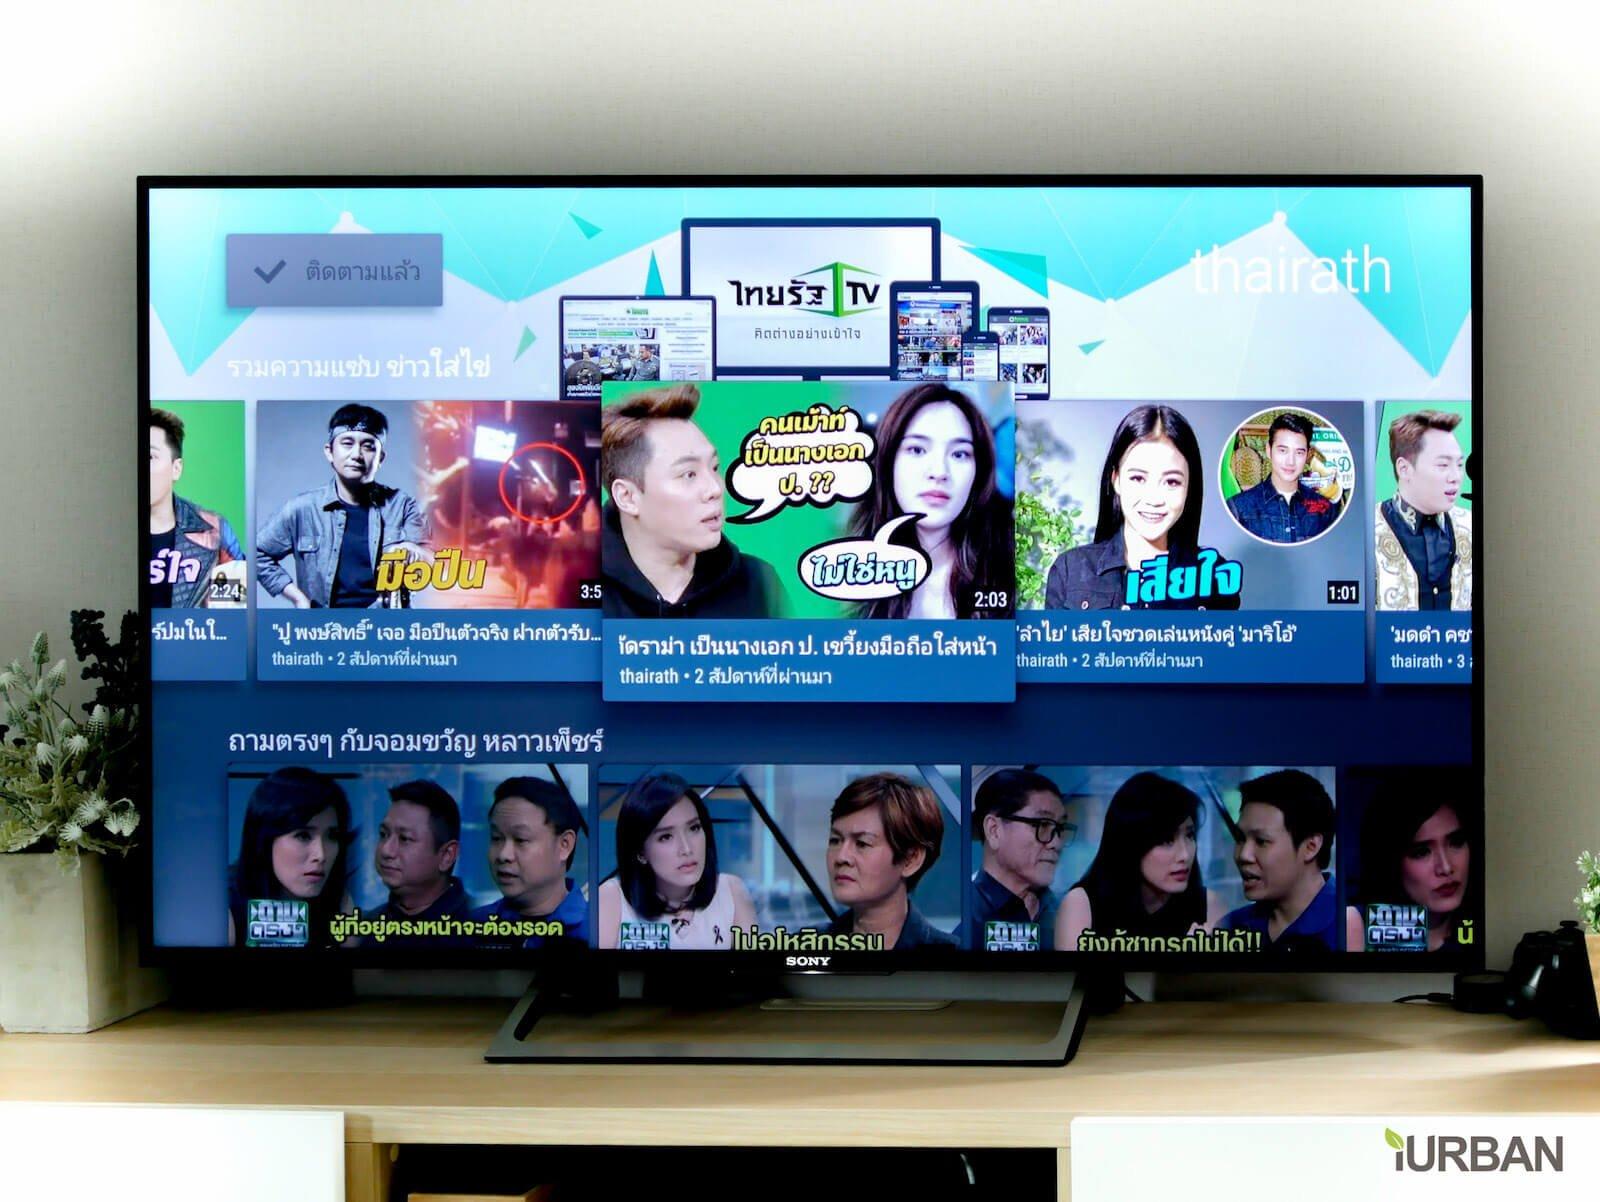 SONY X8500E 4K-HDR Android TV นวัตกรรมที่จะเปลี่ยนชีวิตกับทีวี ให้ไม่เหมือนเดิมอีกต่อไป 45 - Android